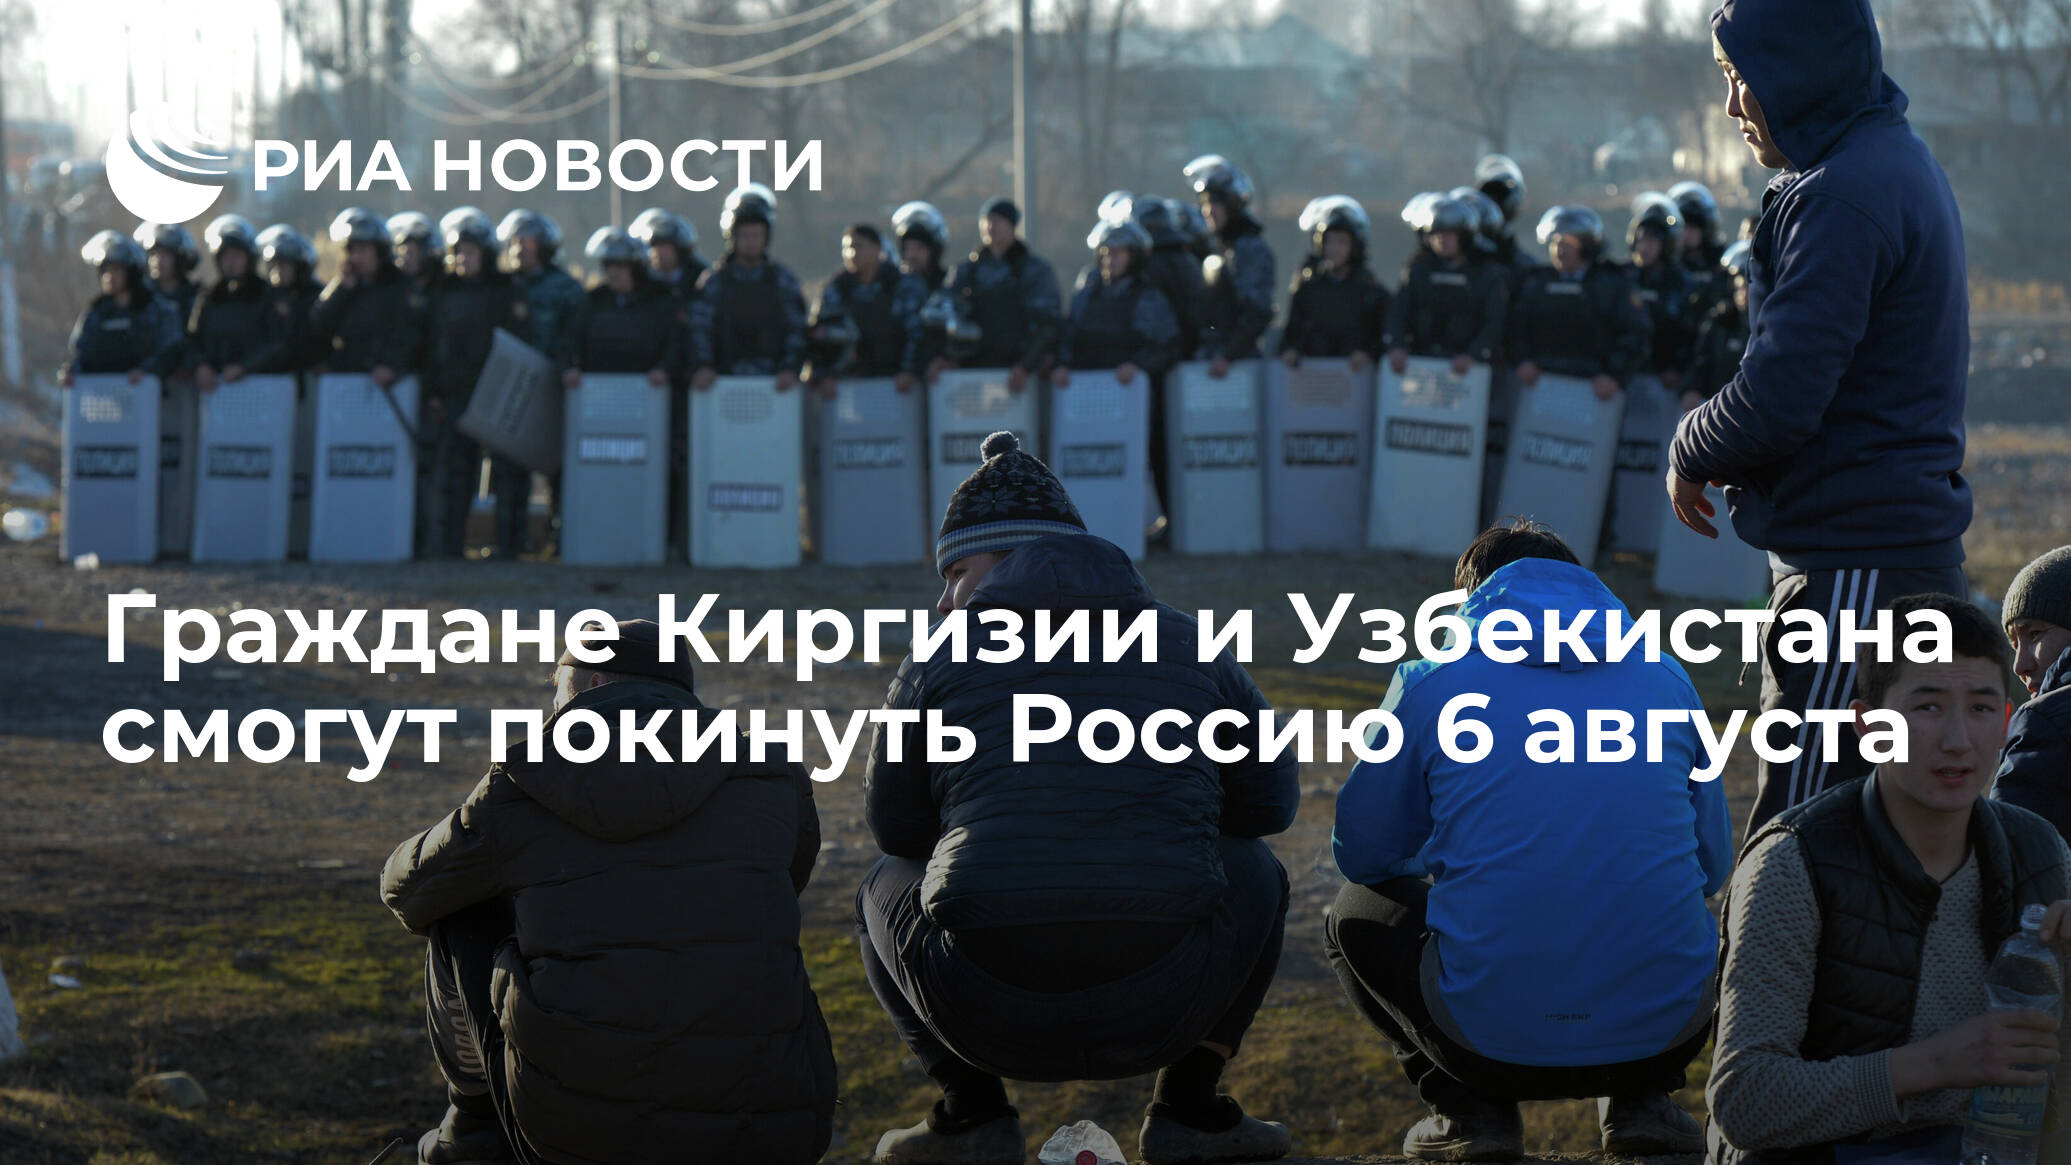 Граждане Киргизии и Узбекистана смогут покинуть Россию 6 августа